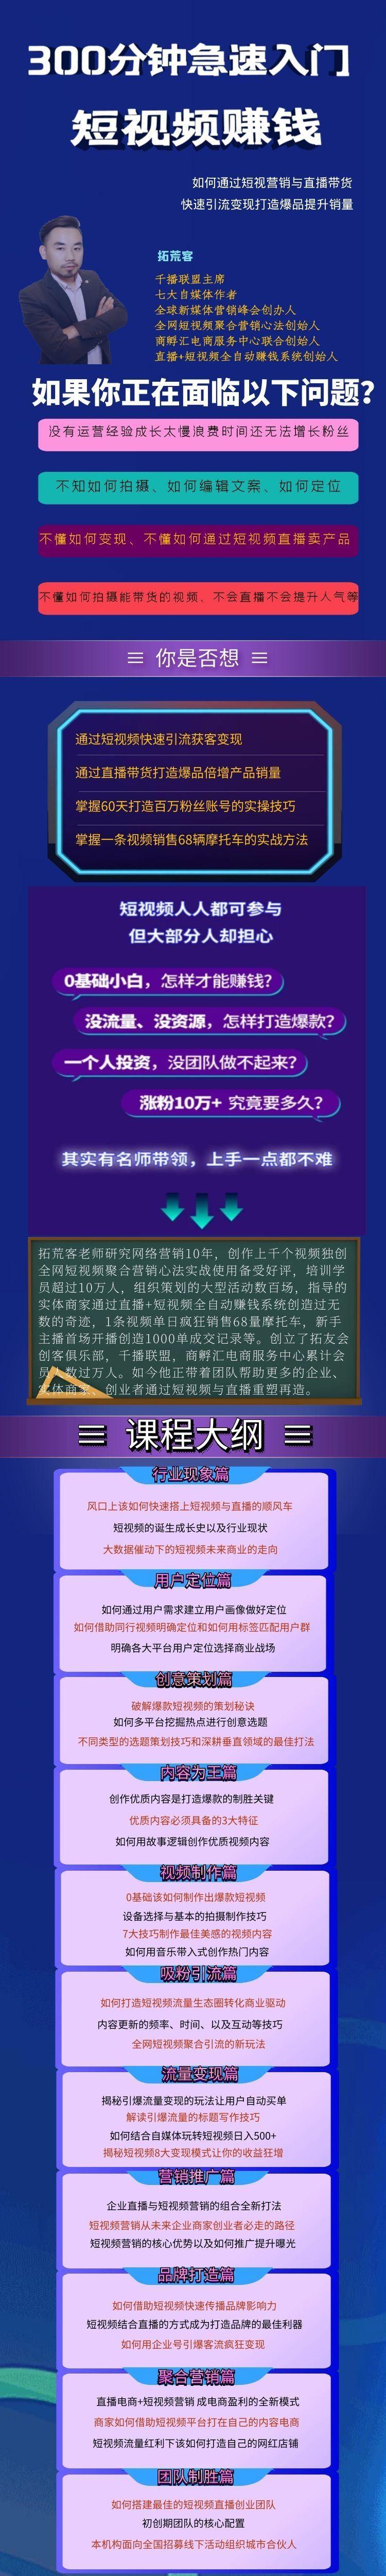 最新线上课程.jpg